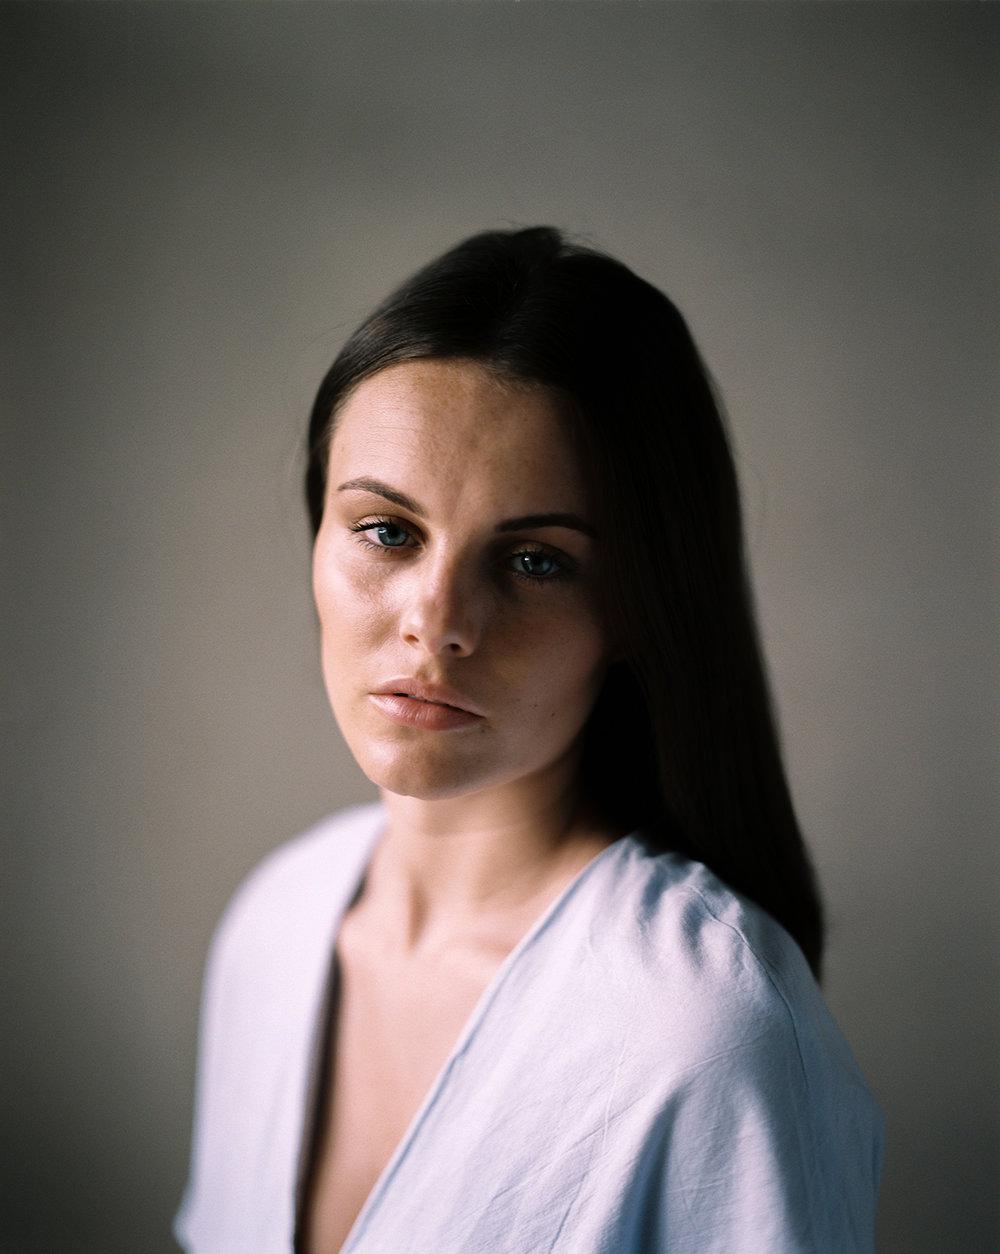 Model test session shot on Kodak Portra 400 film. By Dmitry Serostanov